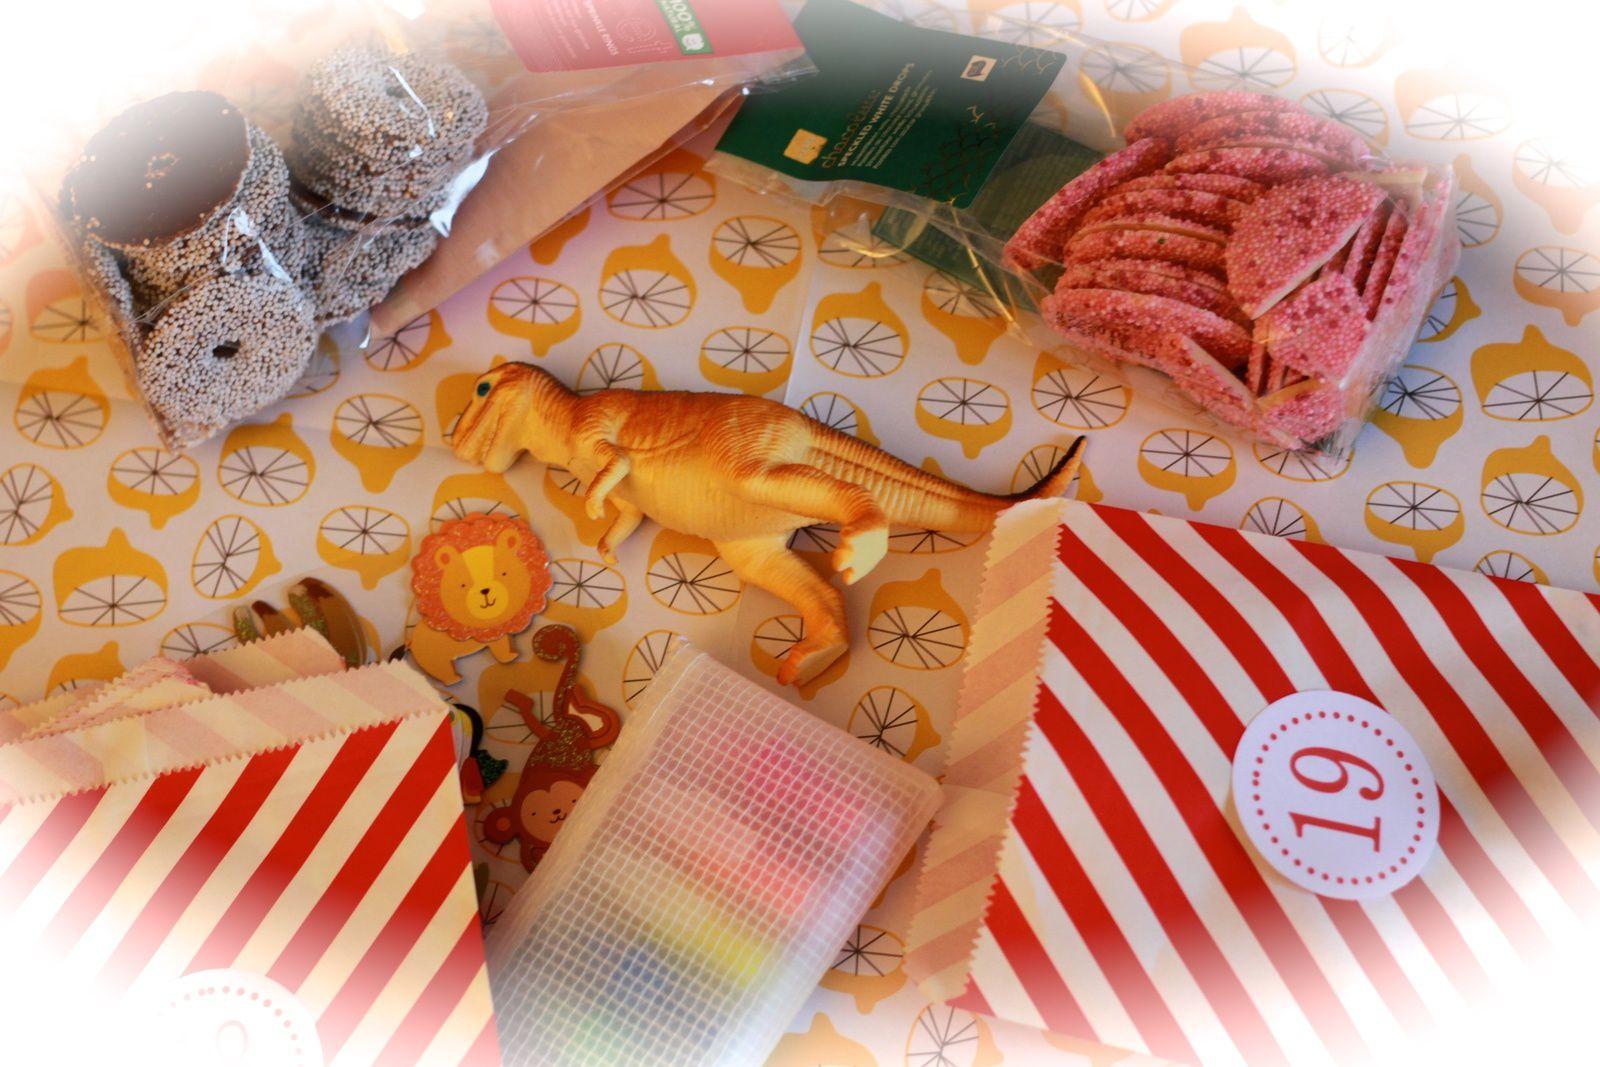 Mes petits cadeaux de l'Avent, pochettes, pinces et numéros du Kit Fabricamania de l'Avent